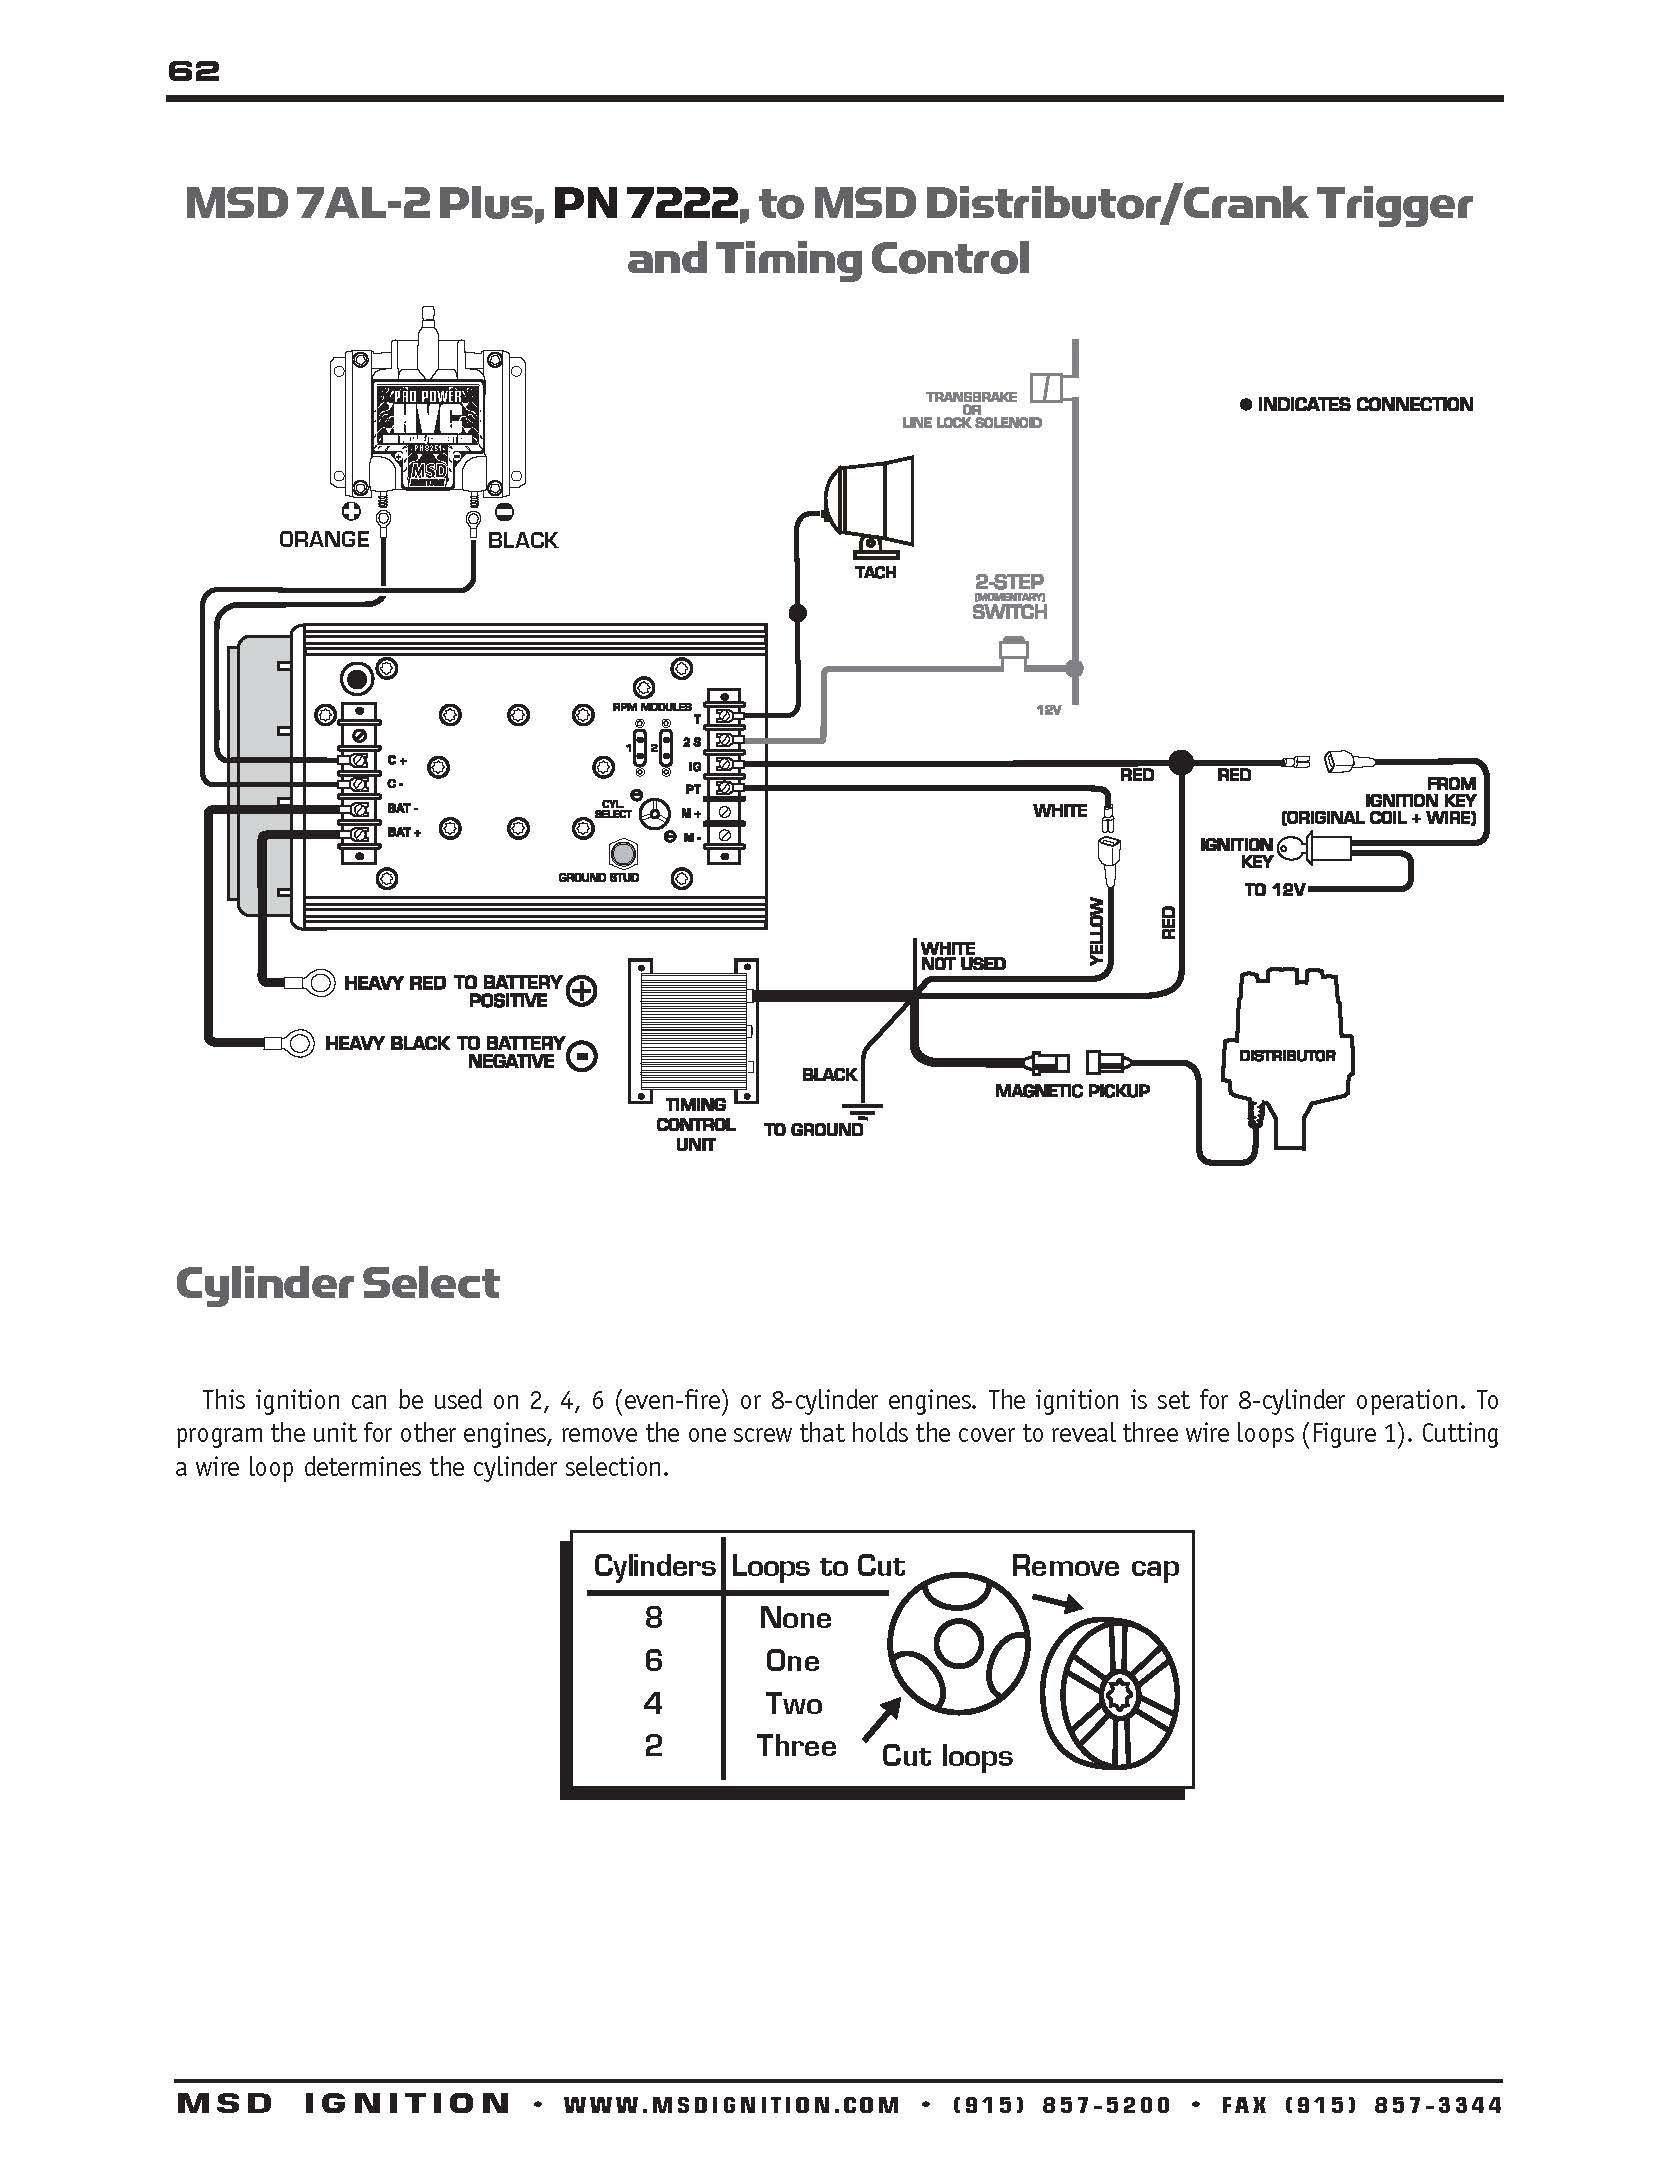 Ford Ignition Control Module Wiring Diagram Elegant